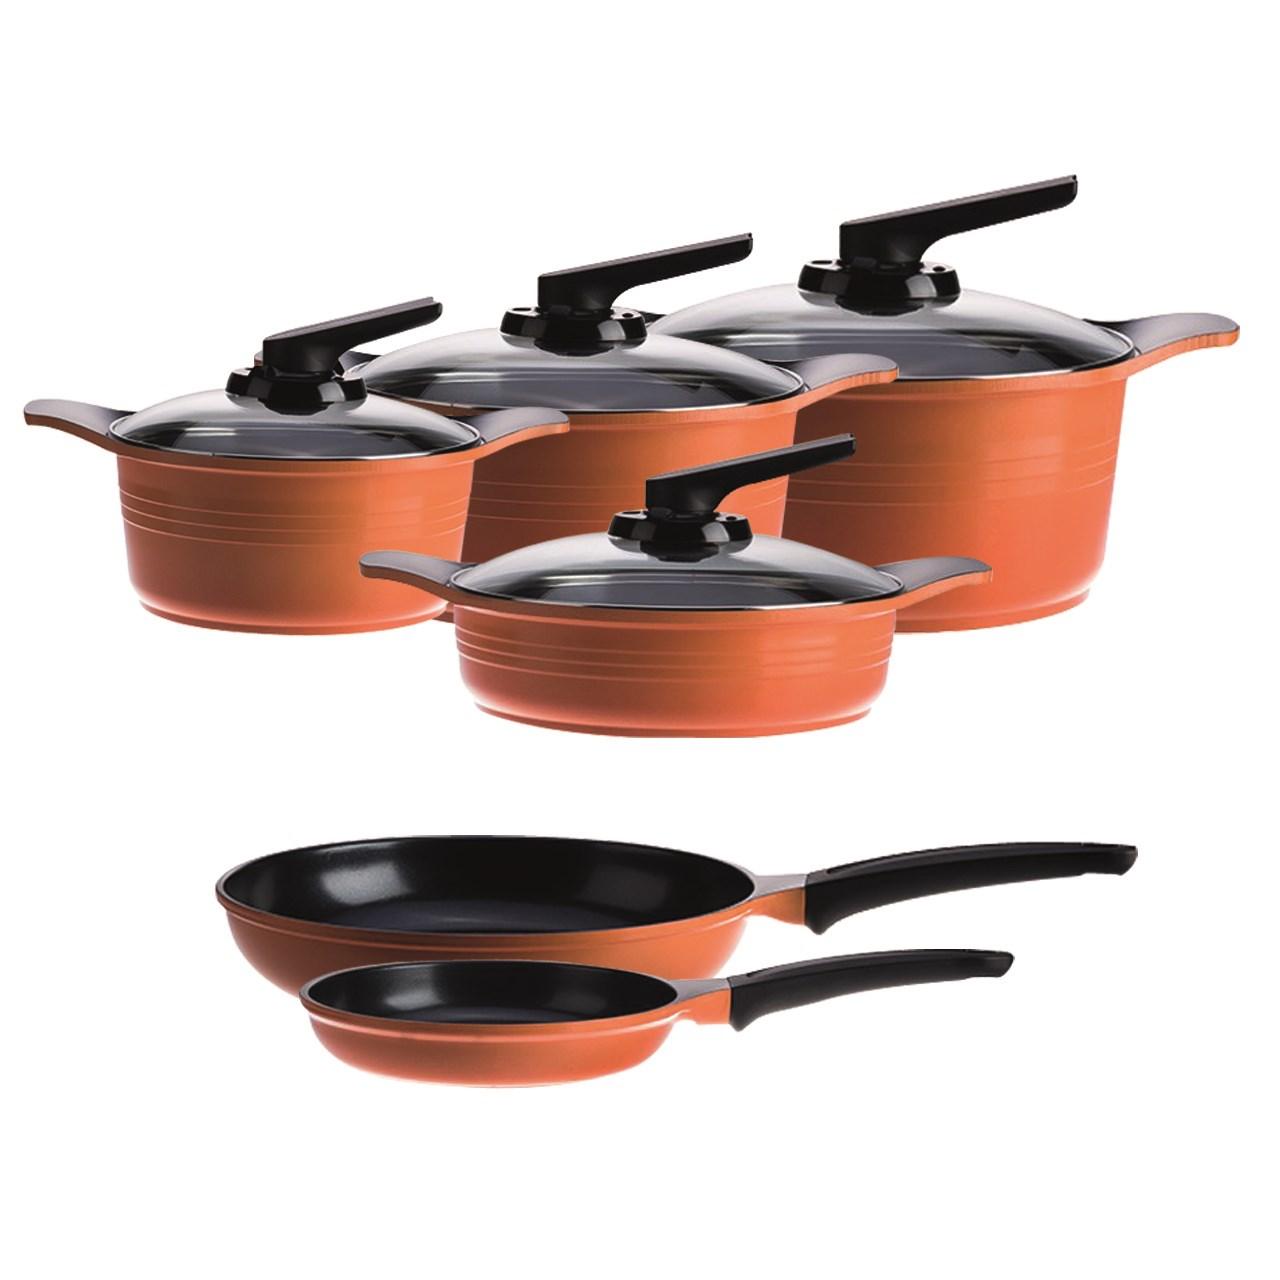 سرویس پخت و پز 10 پارچه رویچن مدل Premium